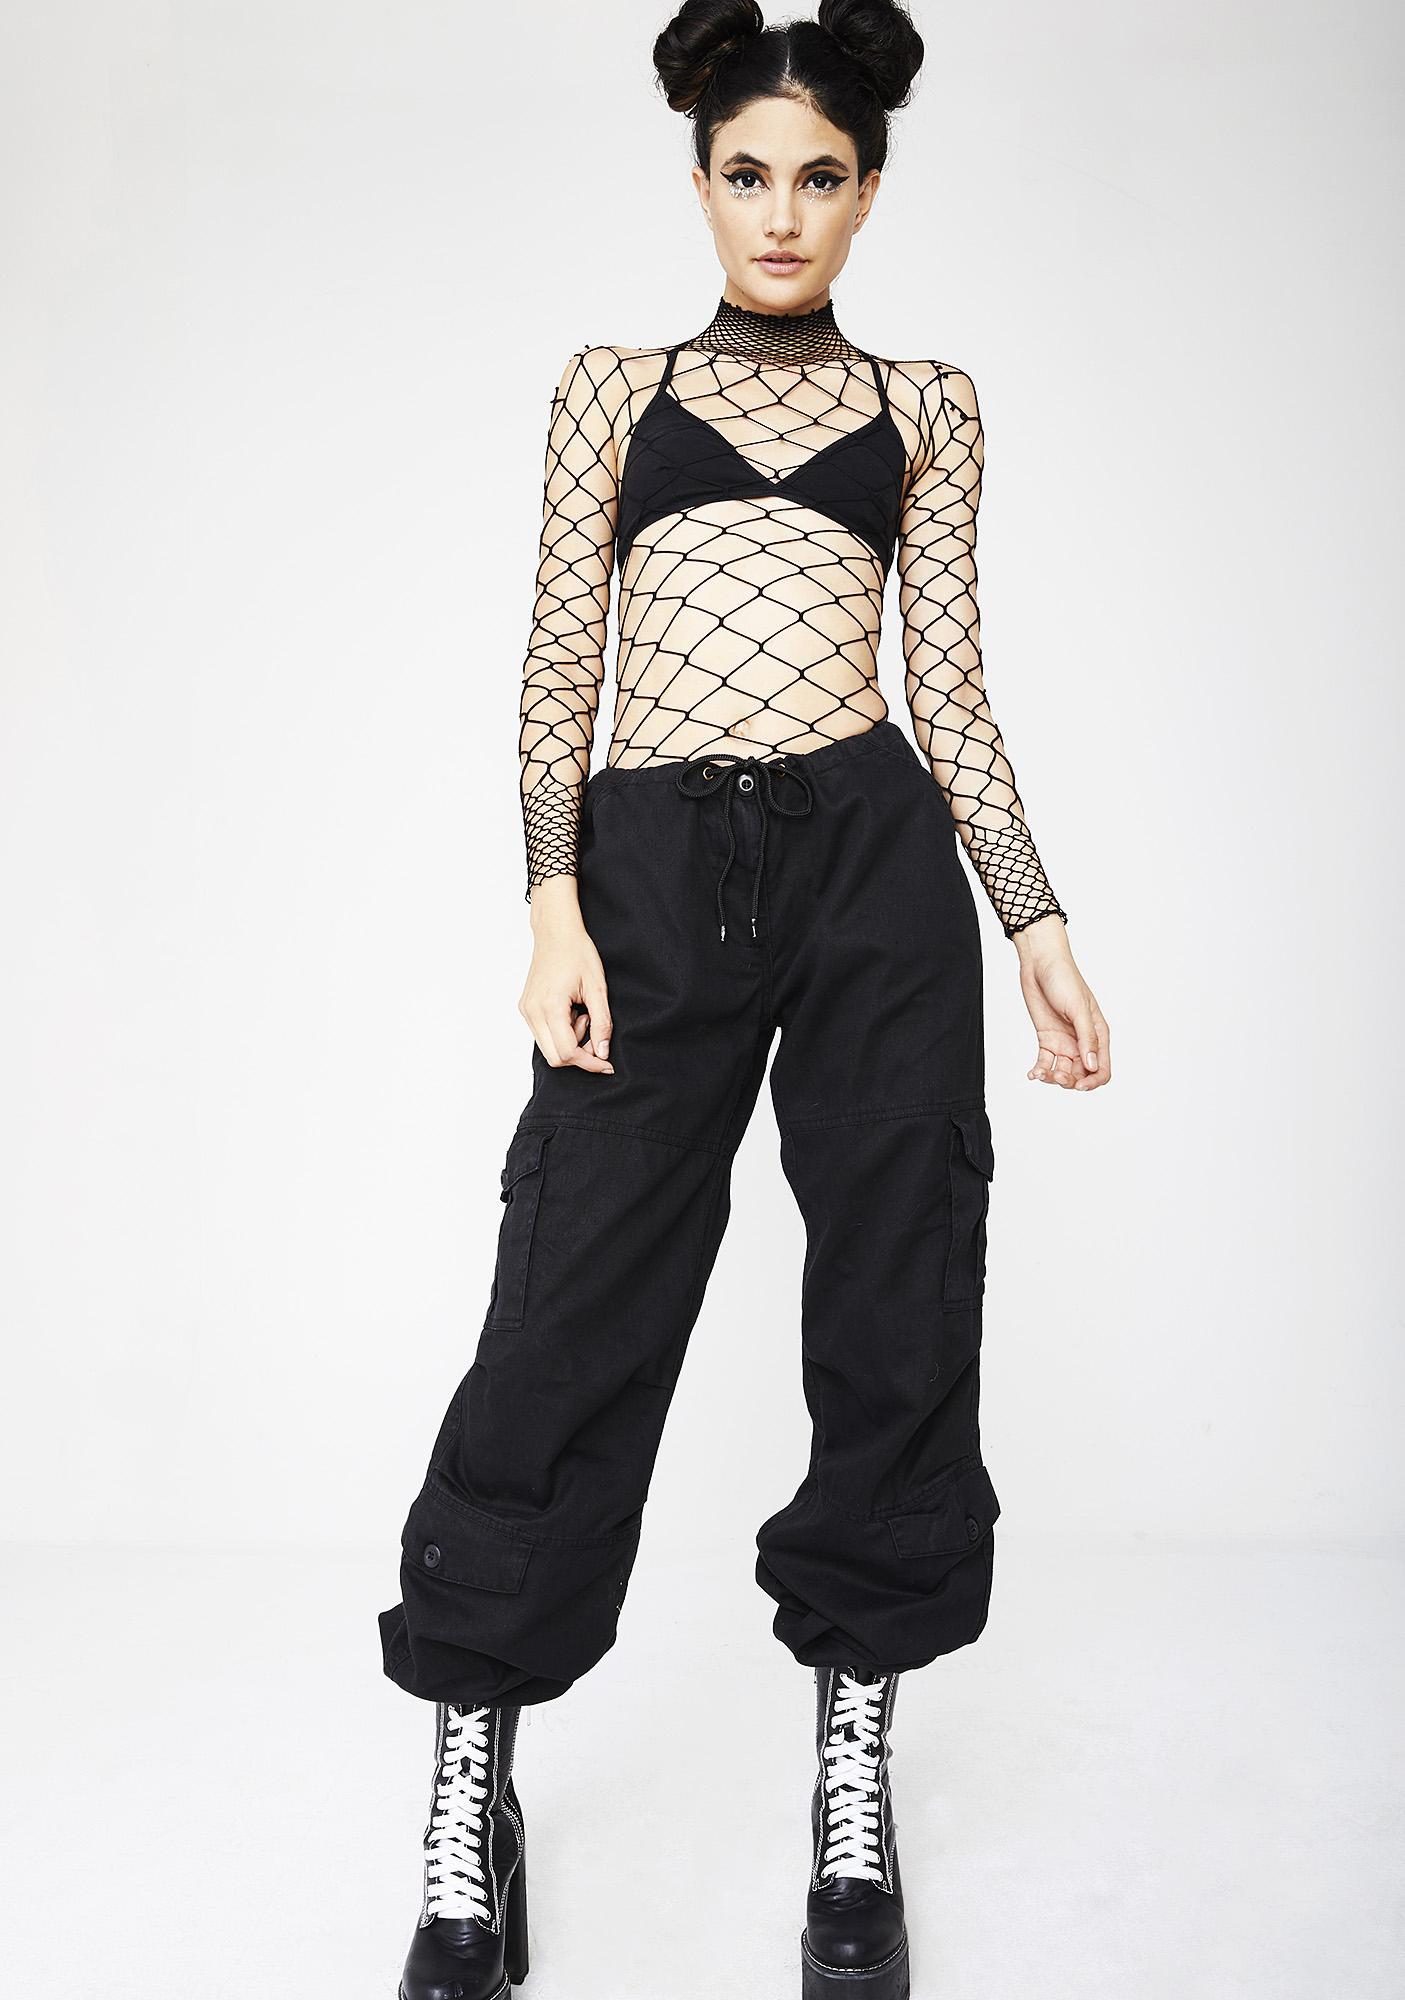 The Damned Fishnet Bodysuit